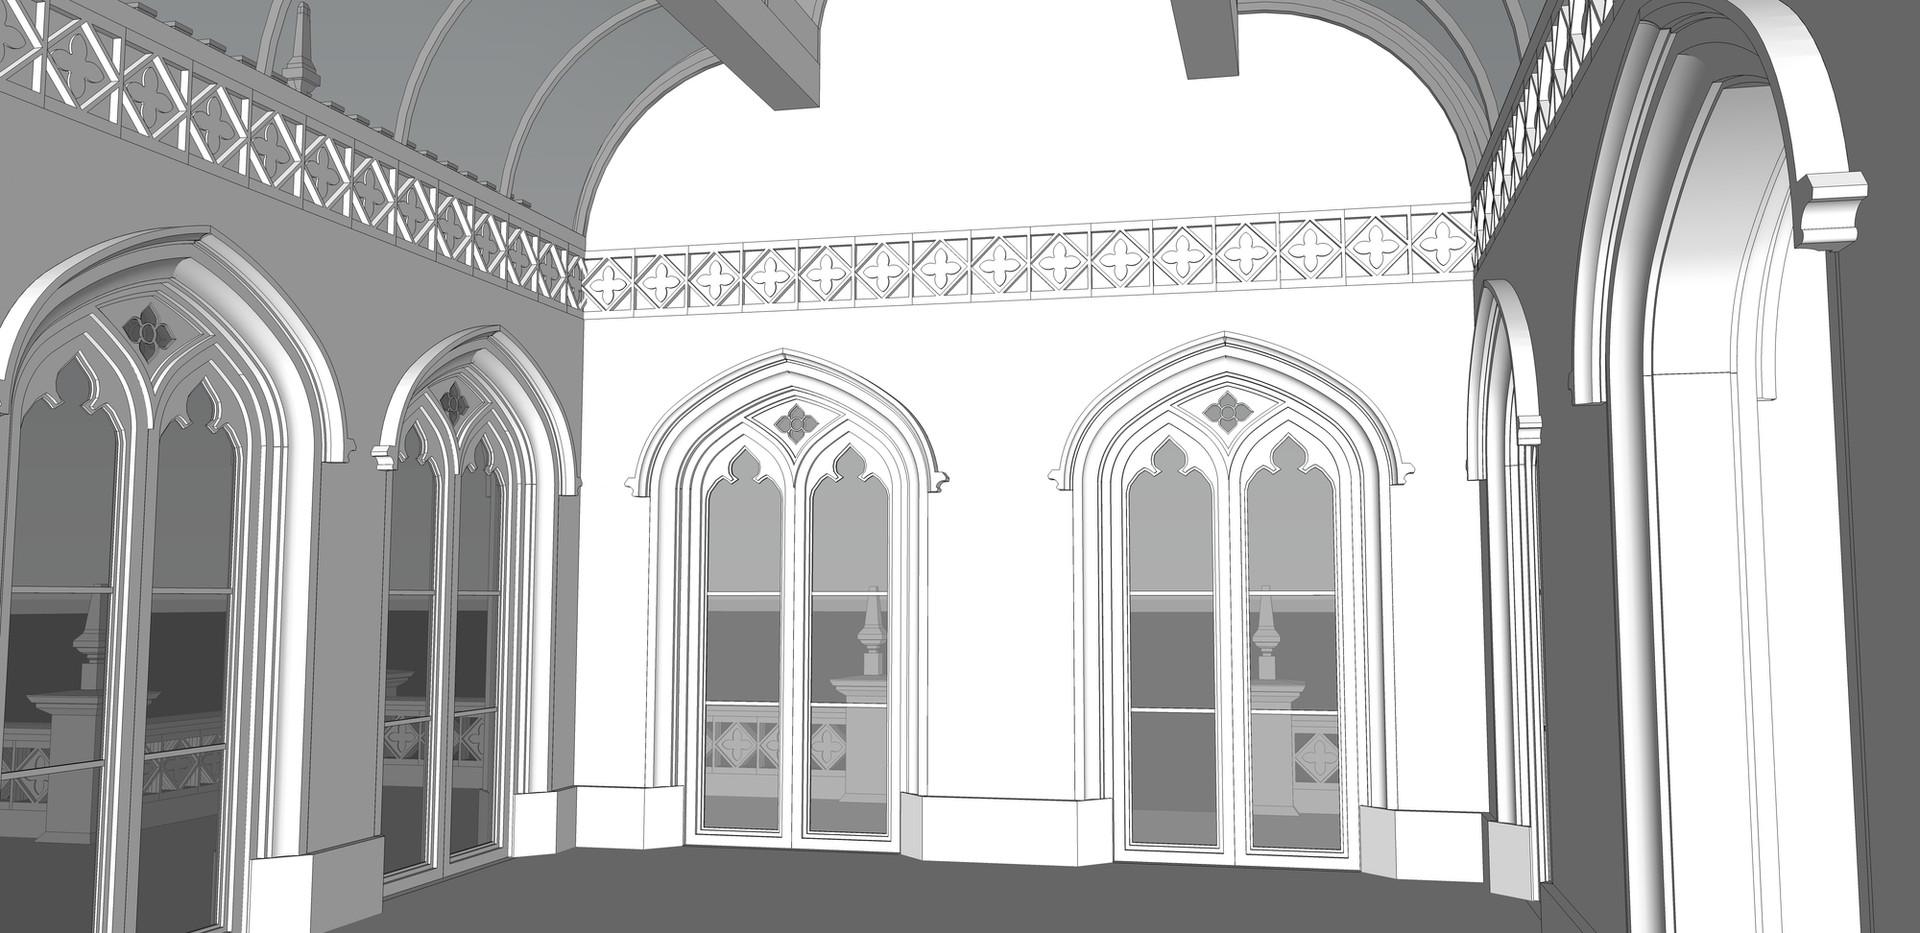 Ashby orangery - Visual 5.jpg